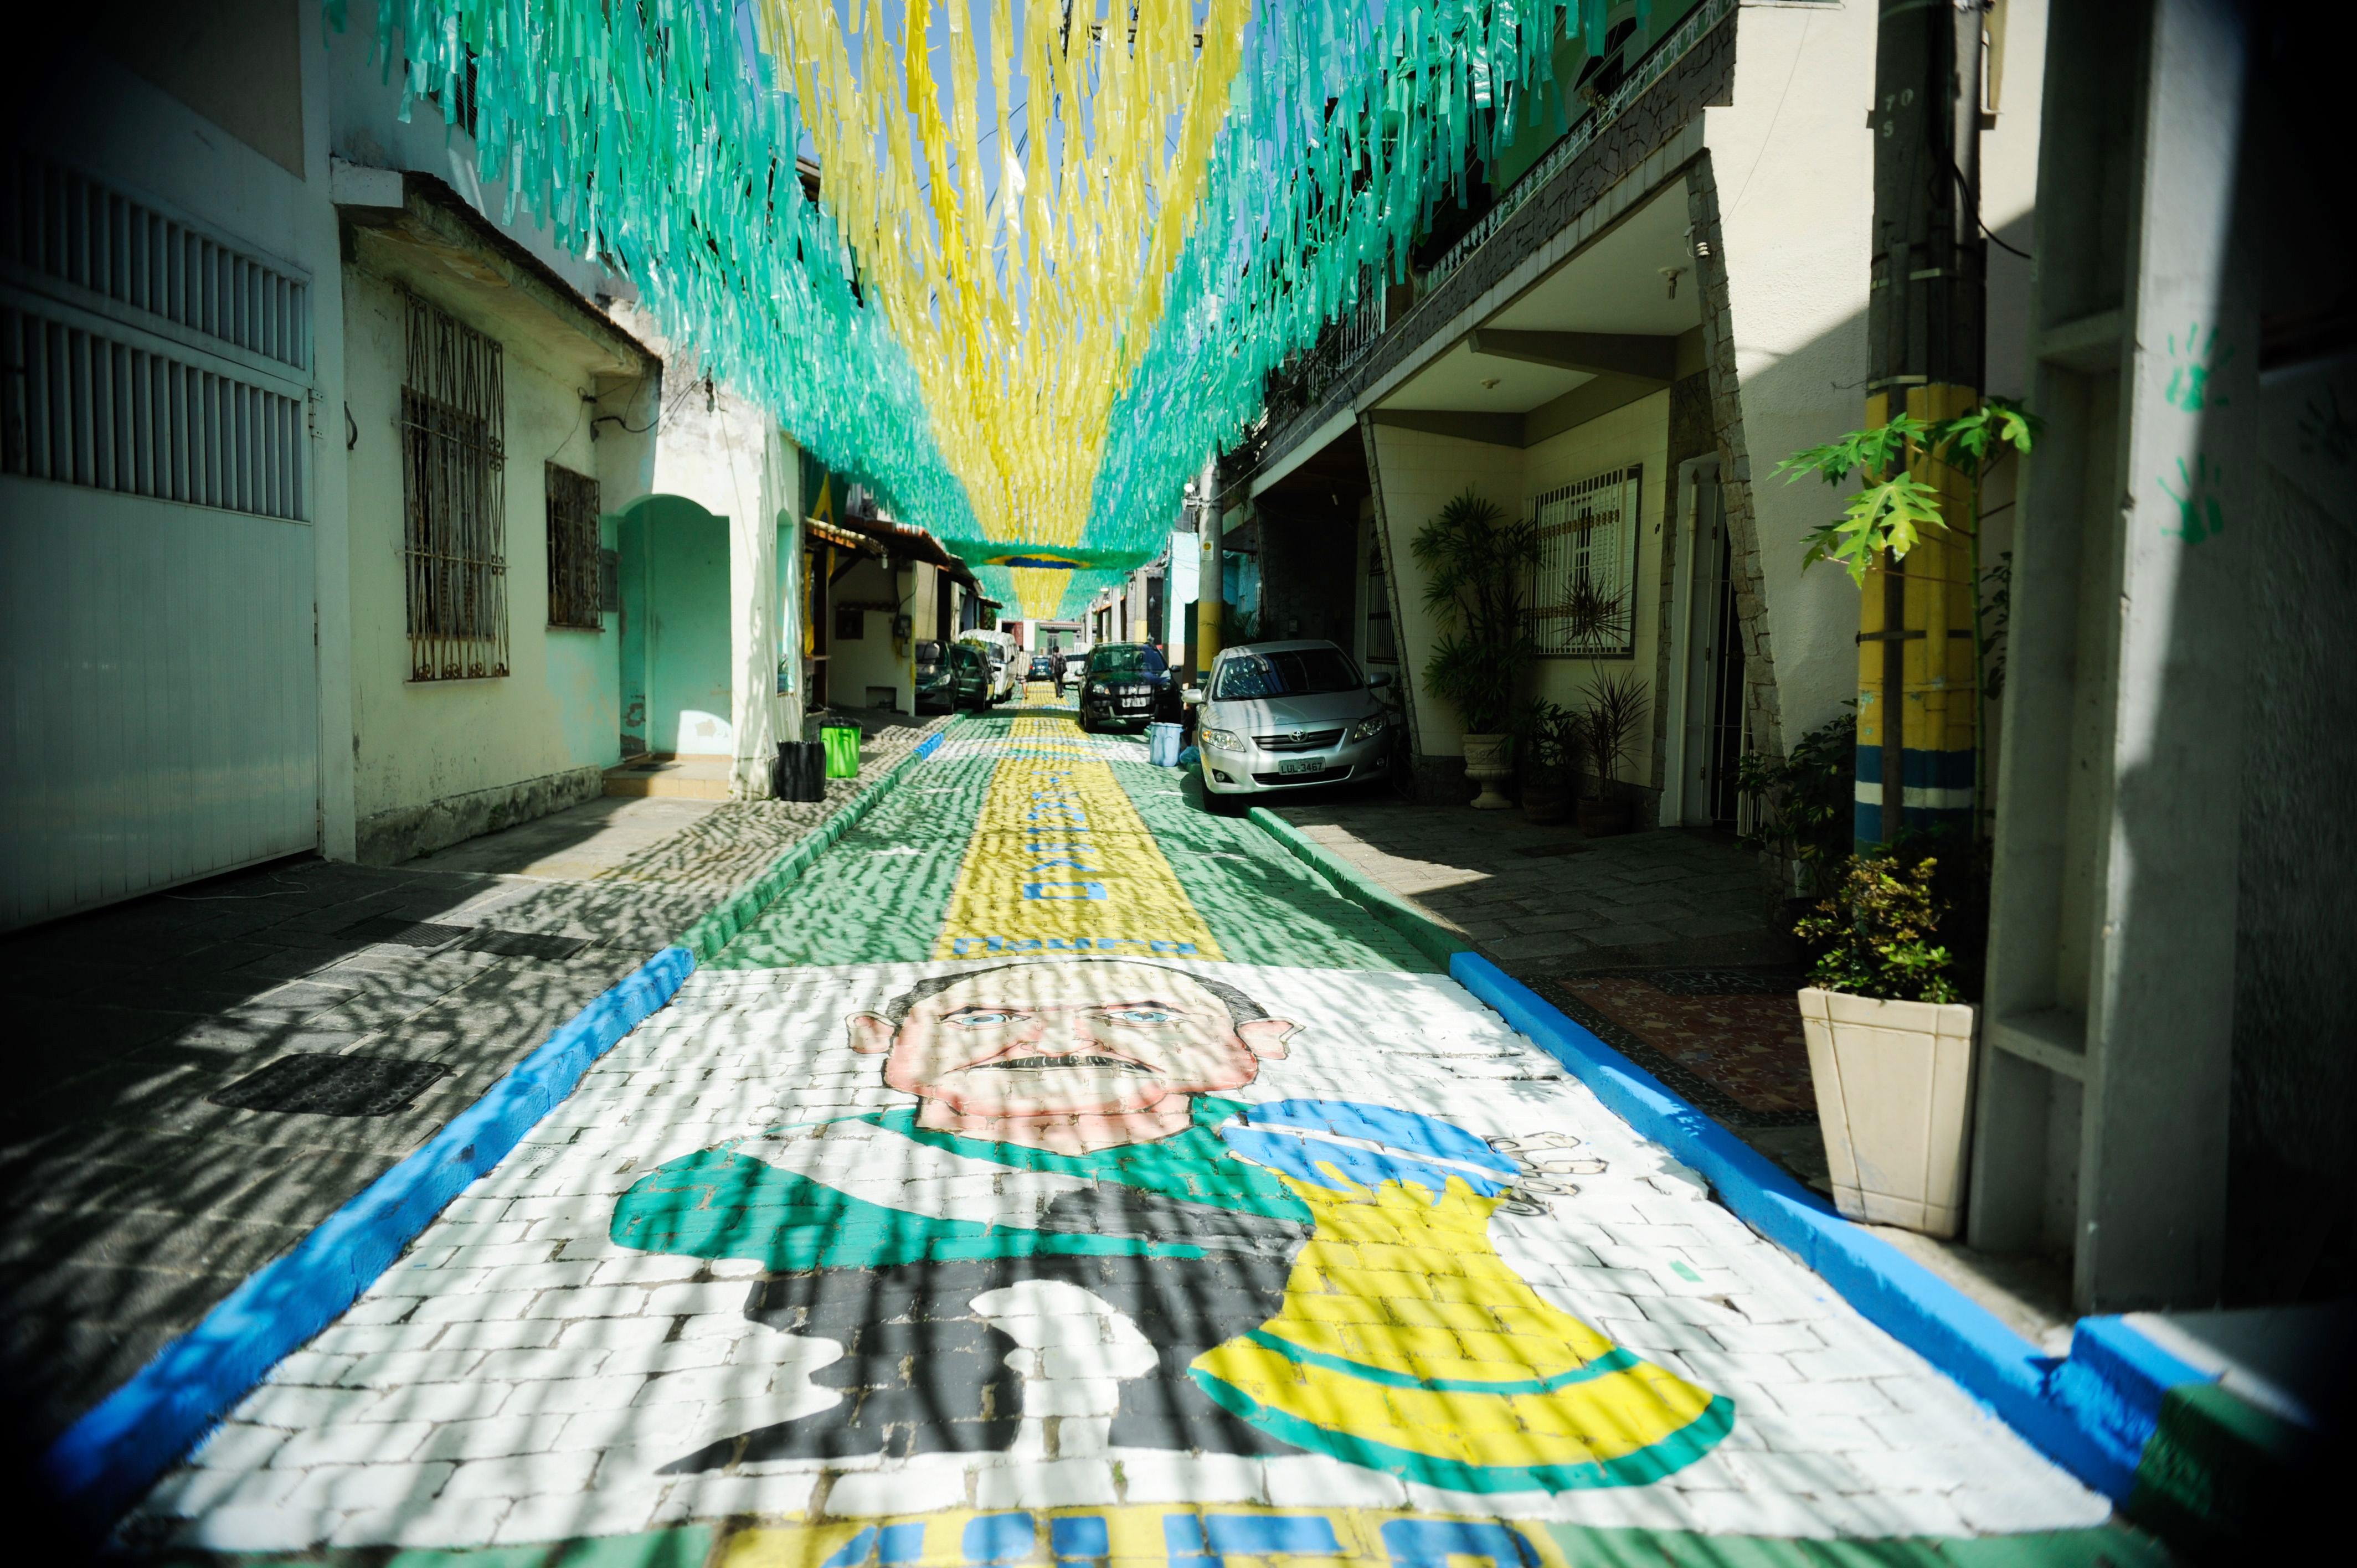 Rua-decorada-para-a-Copa-do-Mundo-de-2014-Rio-de-Janeiro-201405050004